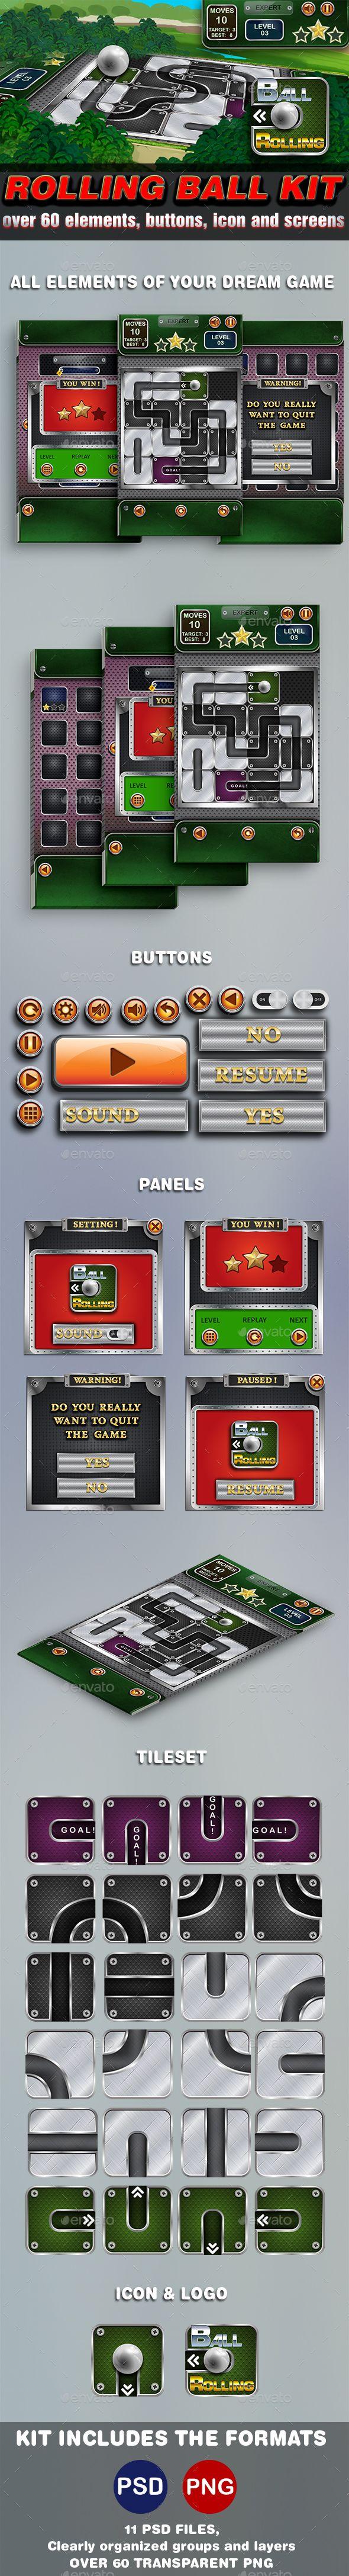 Metal Ball Rolling Game Kit - Game Kits #Game Assets